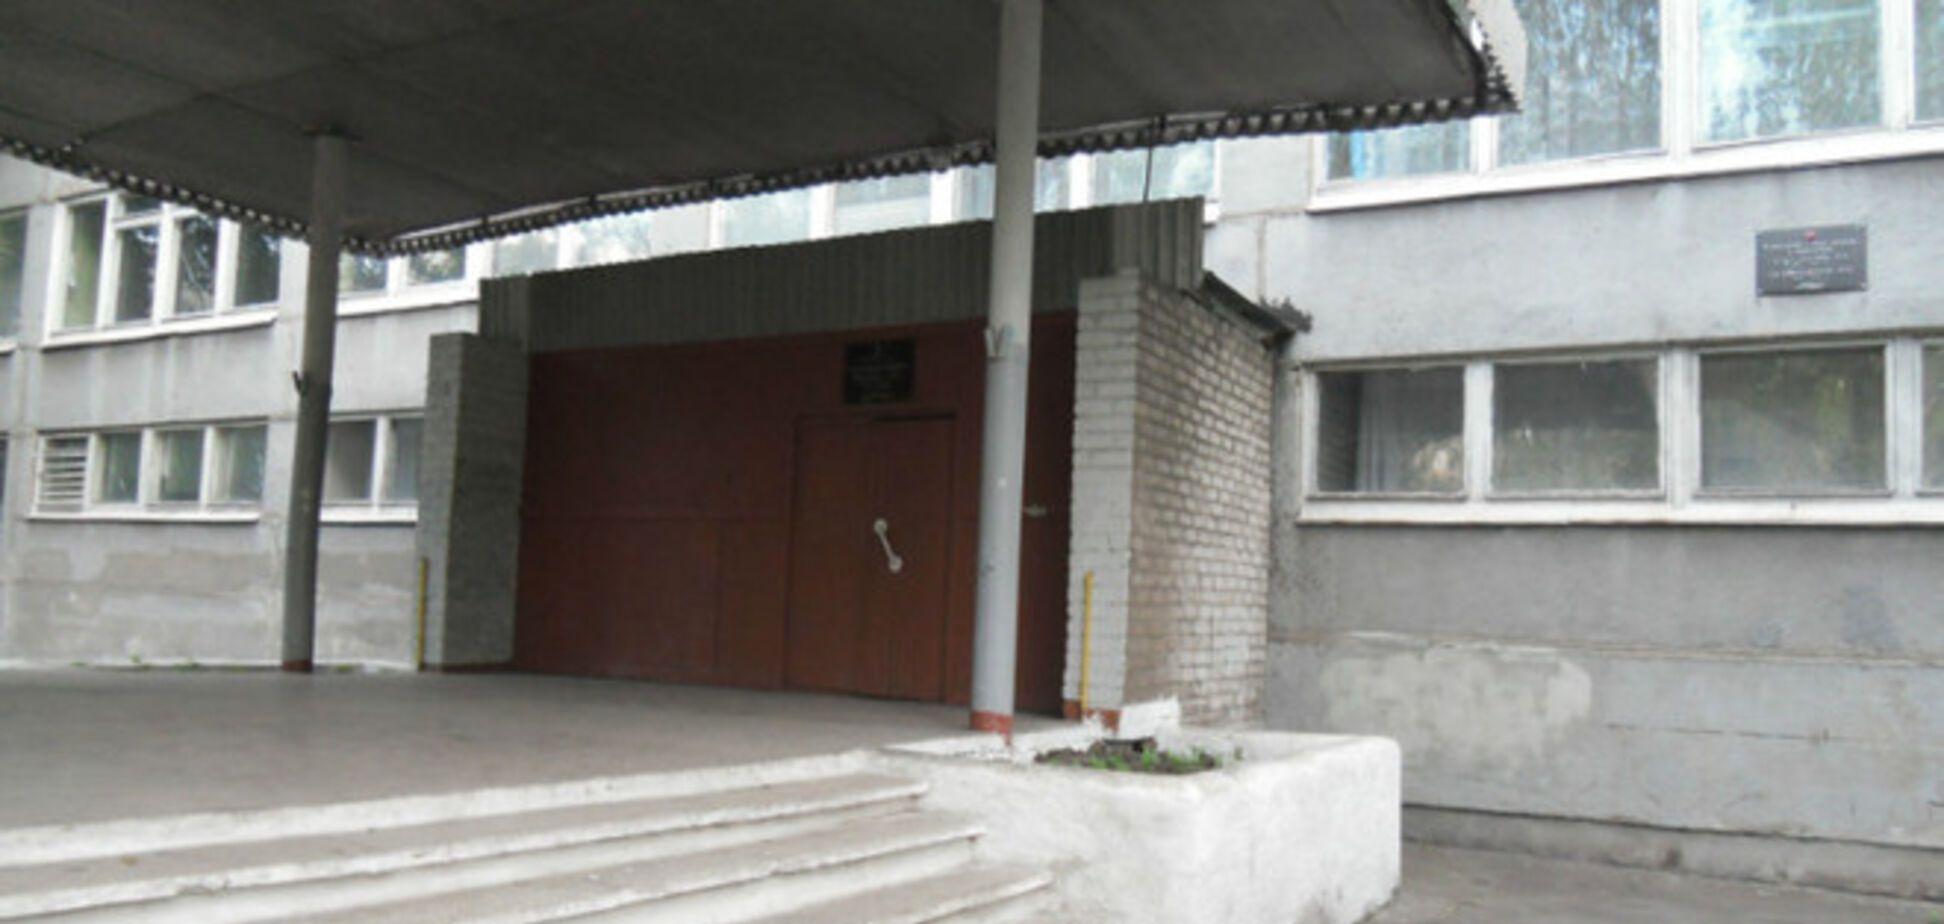 Будні 'ДНР': вчителі в страху за життя дітей стали замикати школи зсередини